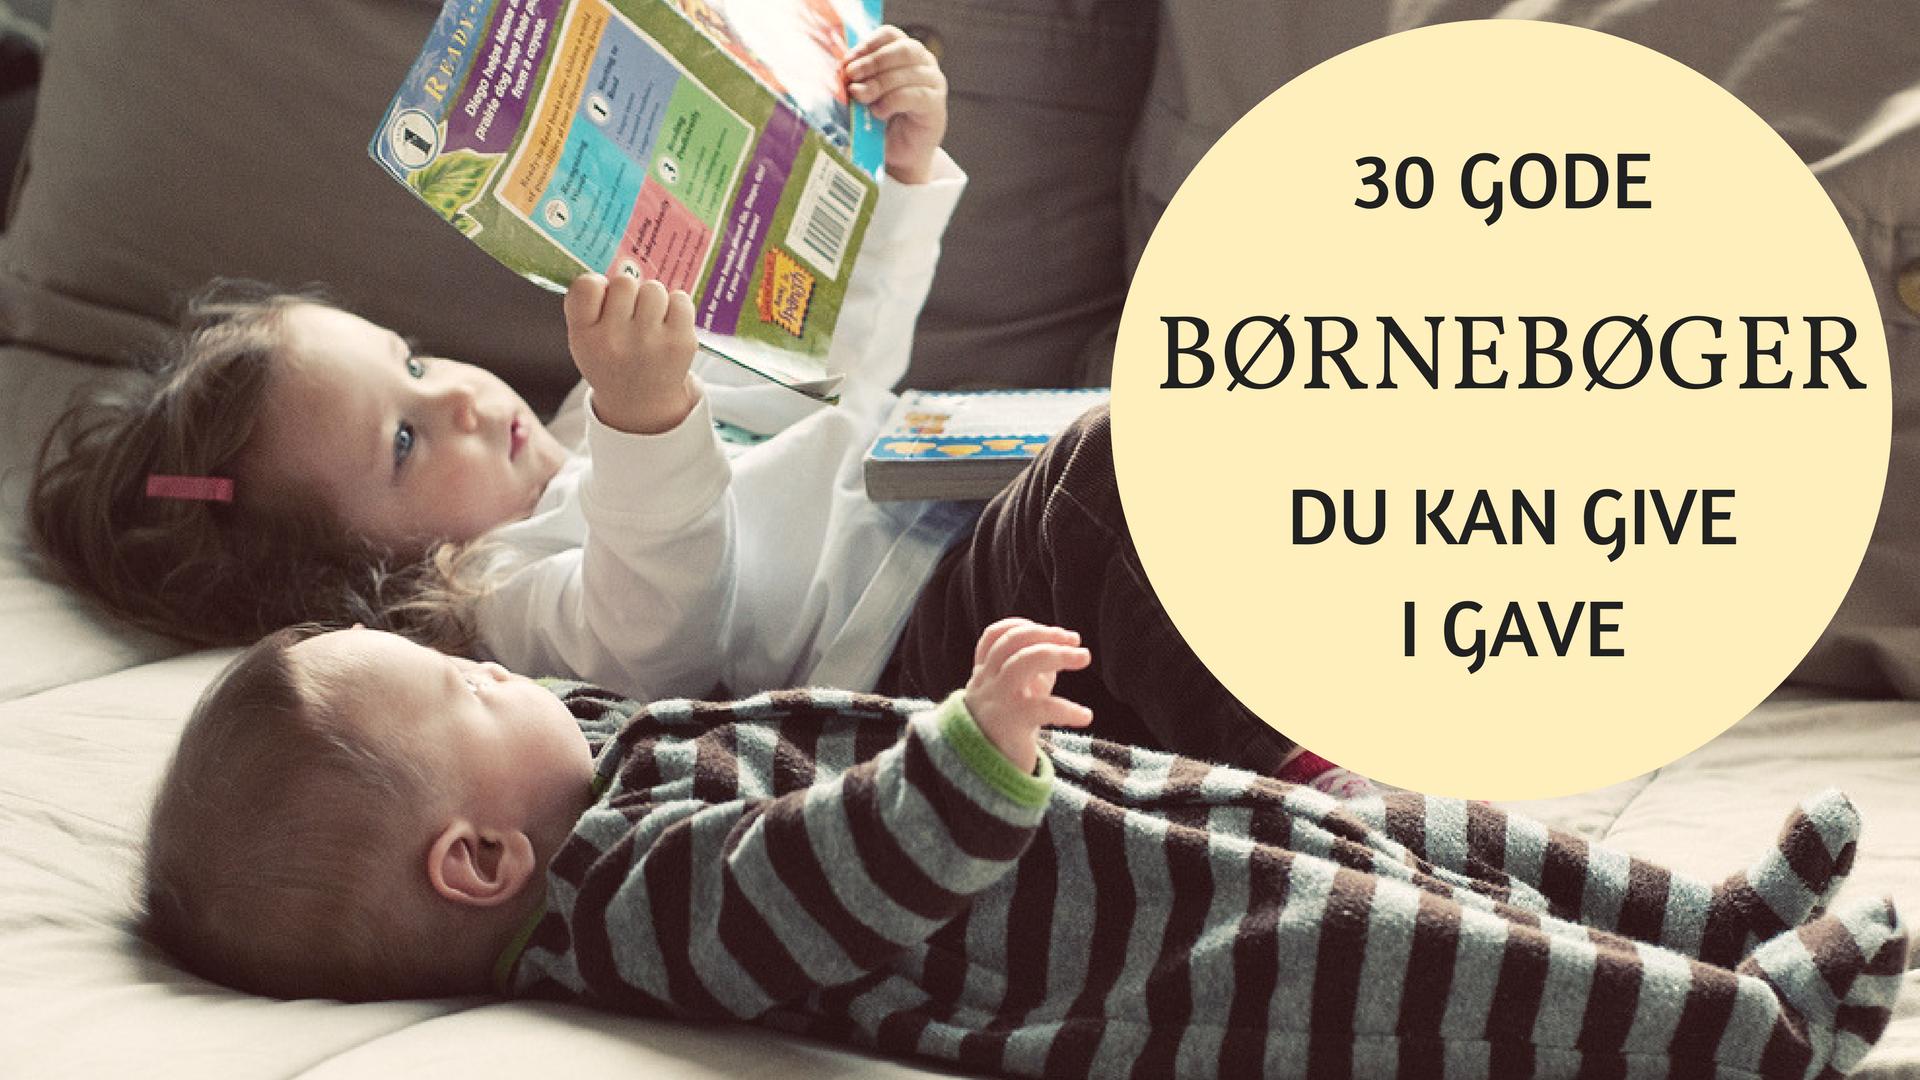 børnebøger i gave, dåbsgave